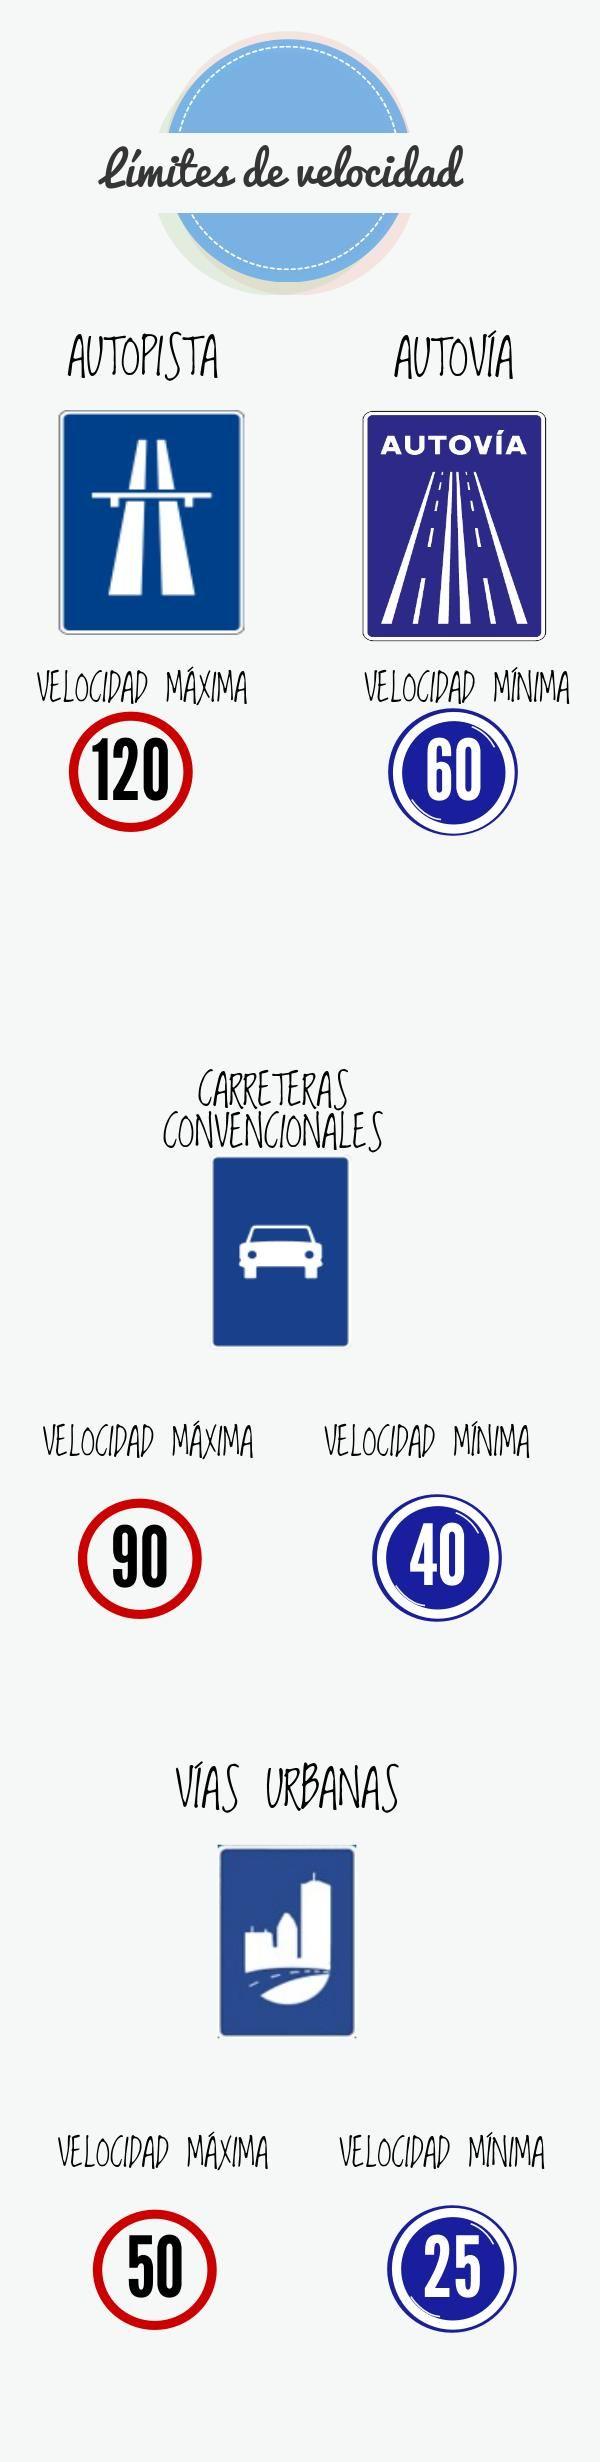 INFOGRAPHIC Infografía con señales limitadoras de velocidad #SeguridadVial #RoadSafety #IESSauloTorón